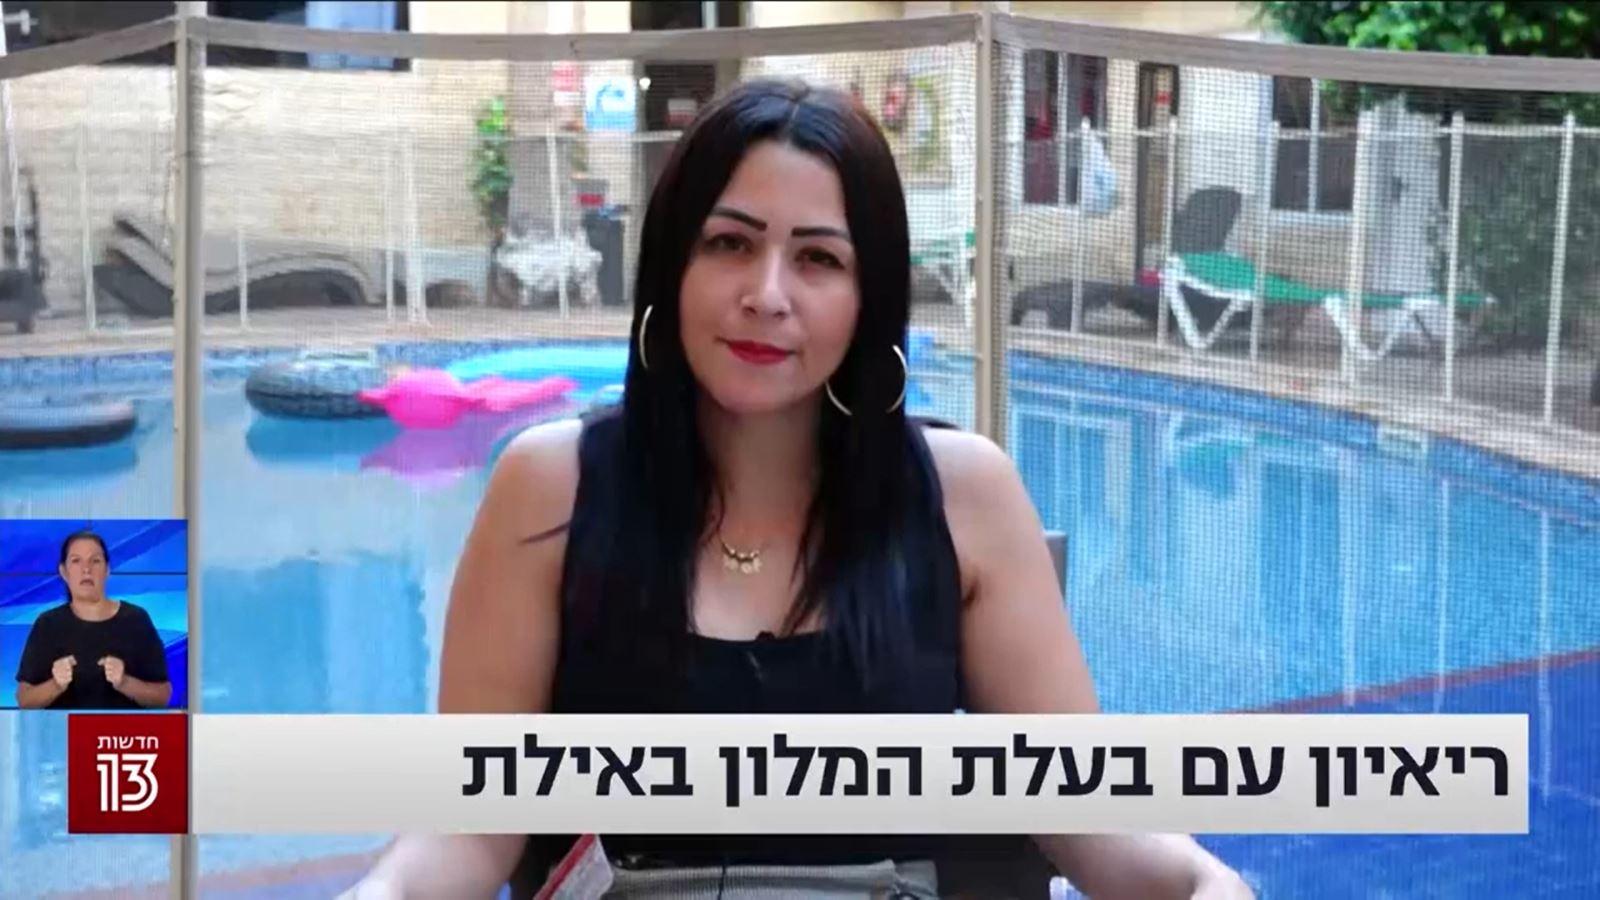 עורכת דינה של בעלת המלון מאילת: ''גם היא נאנסה בגיל 14 - לבה עם הנערה''